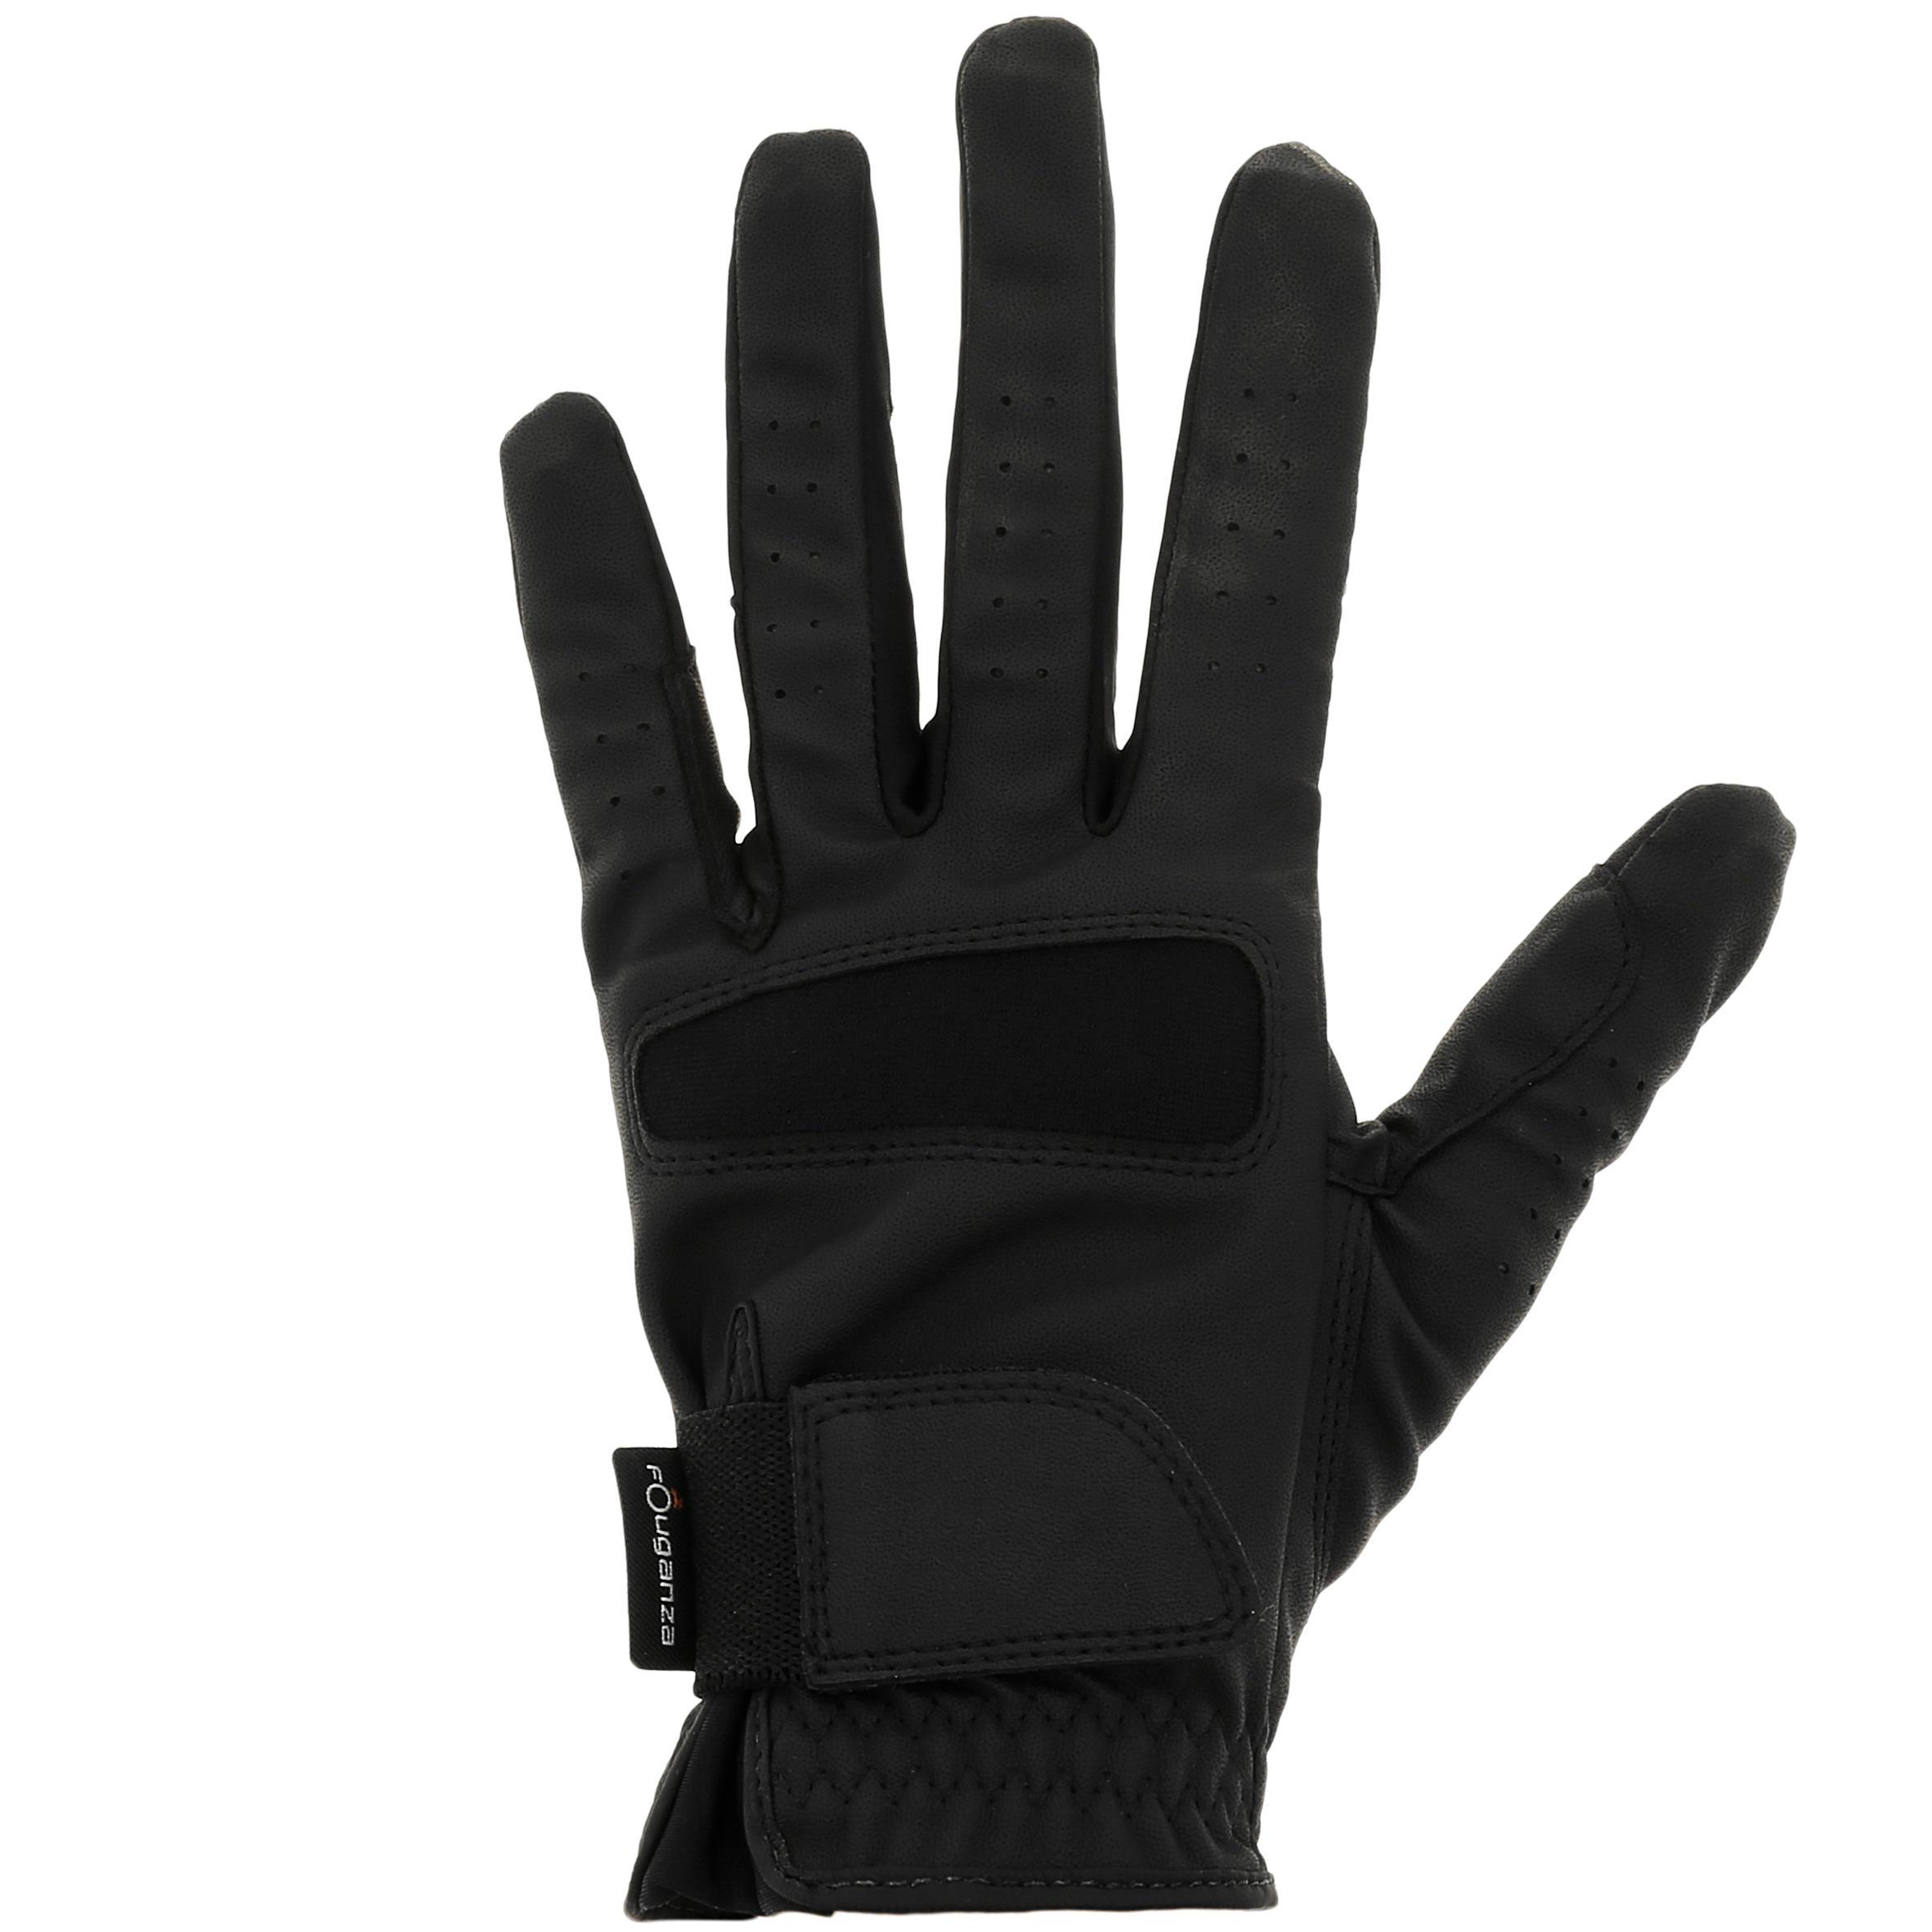 Reithandschuhe Grippy Damen schwarz   Accessoires > Handschuhe > Sonstige Handschuhe   Schwarz   Fouganza